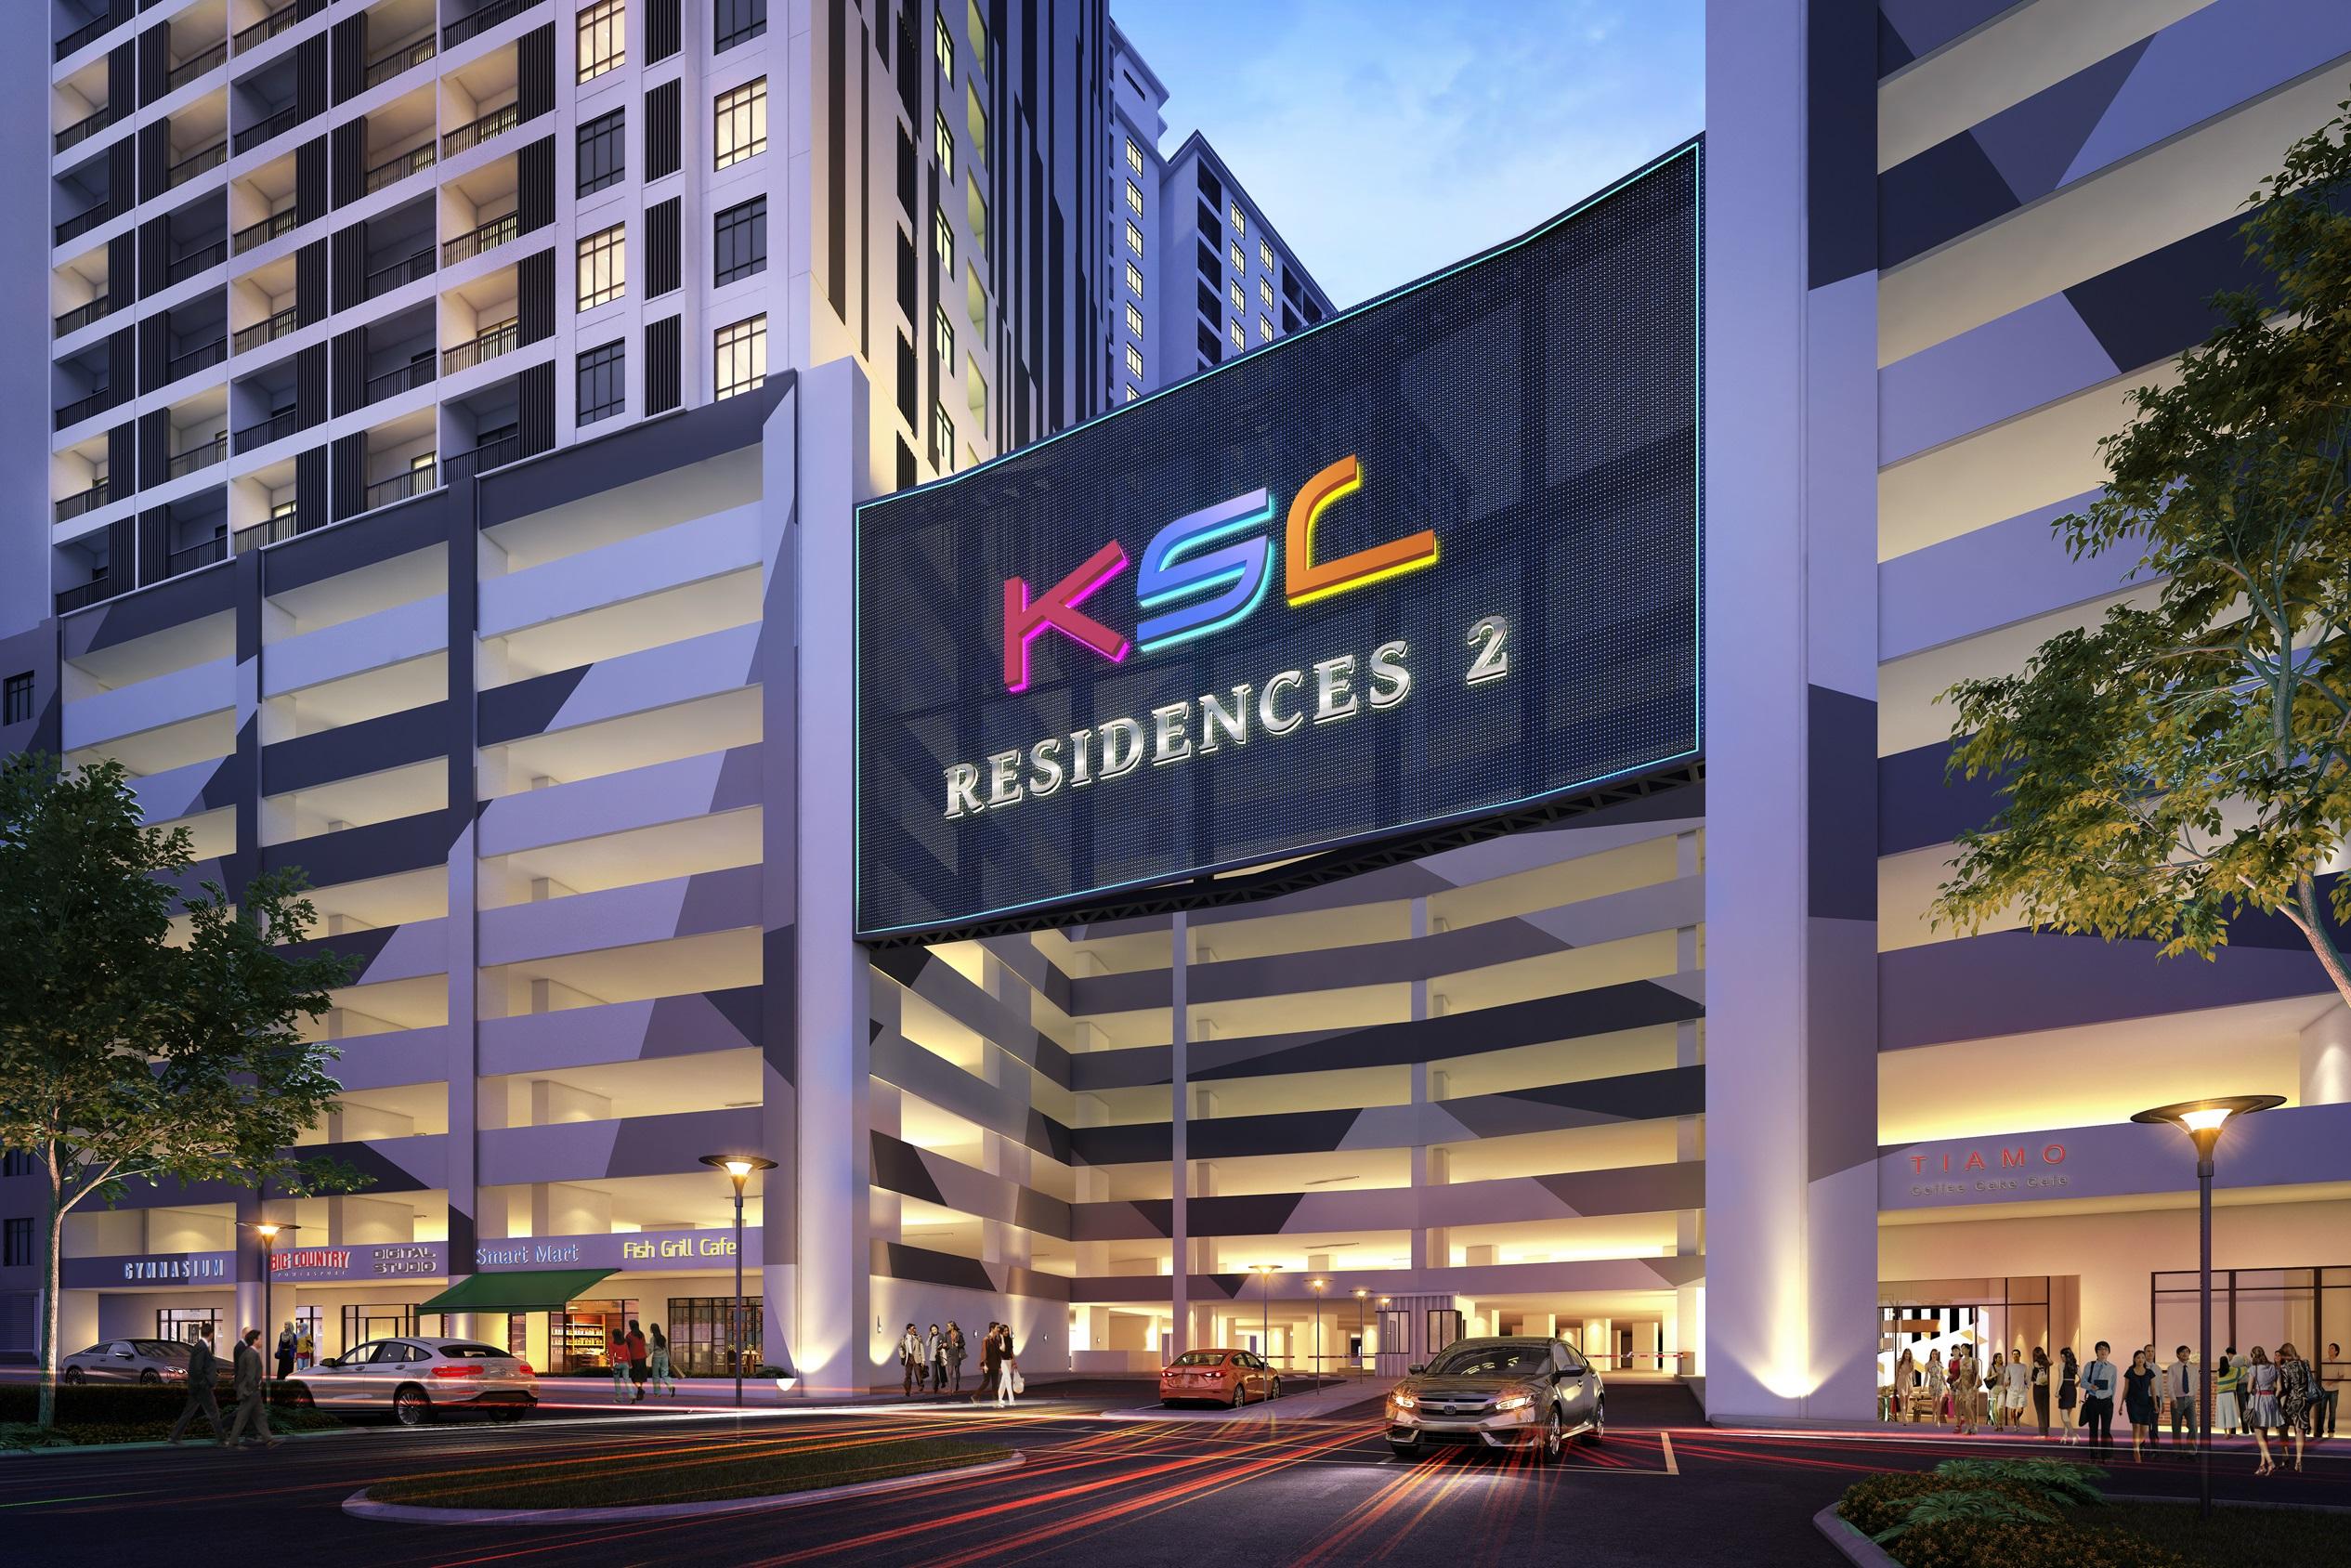 KSL Residences 2 Entrance Night Scene